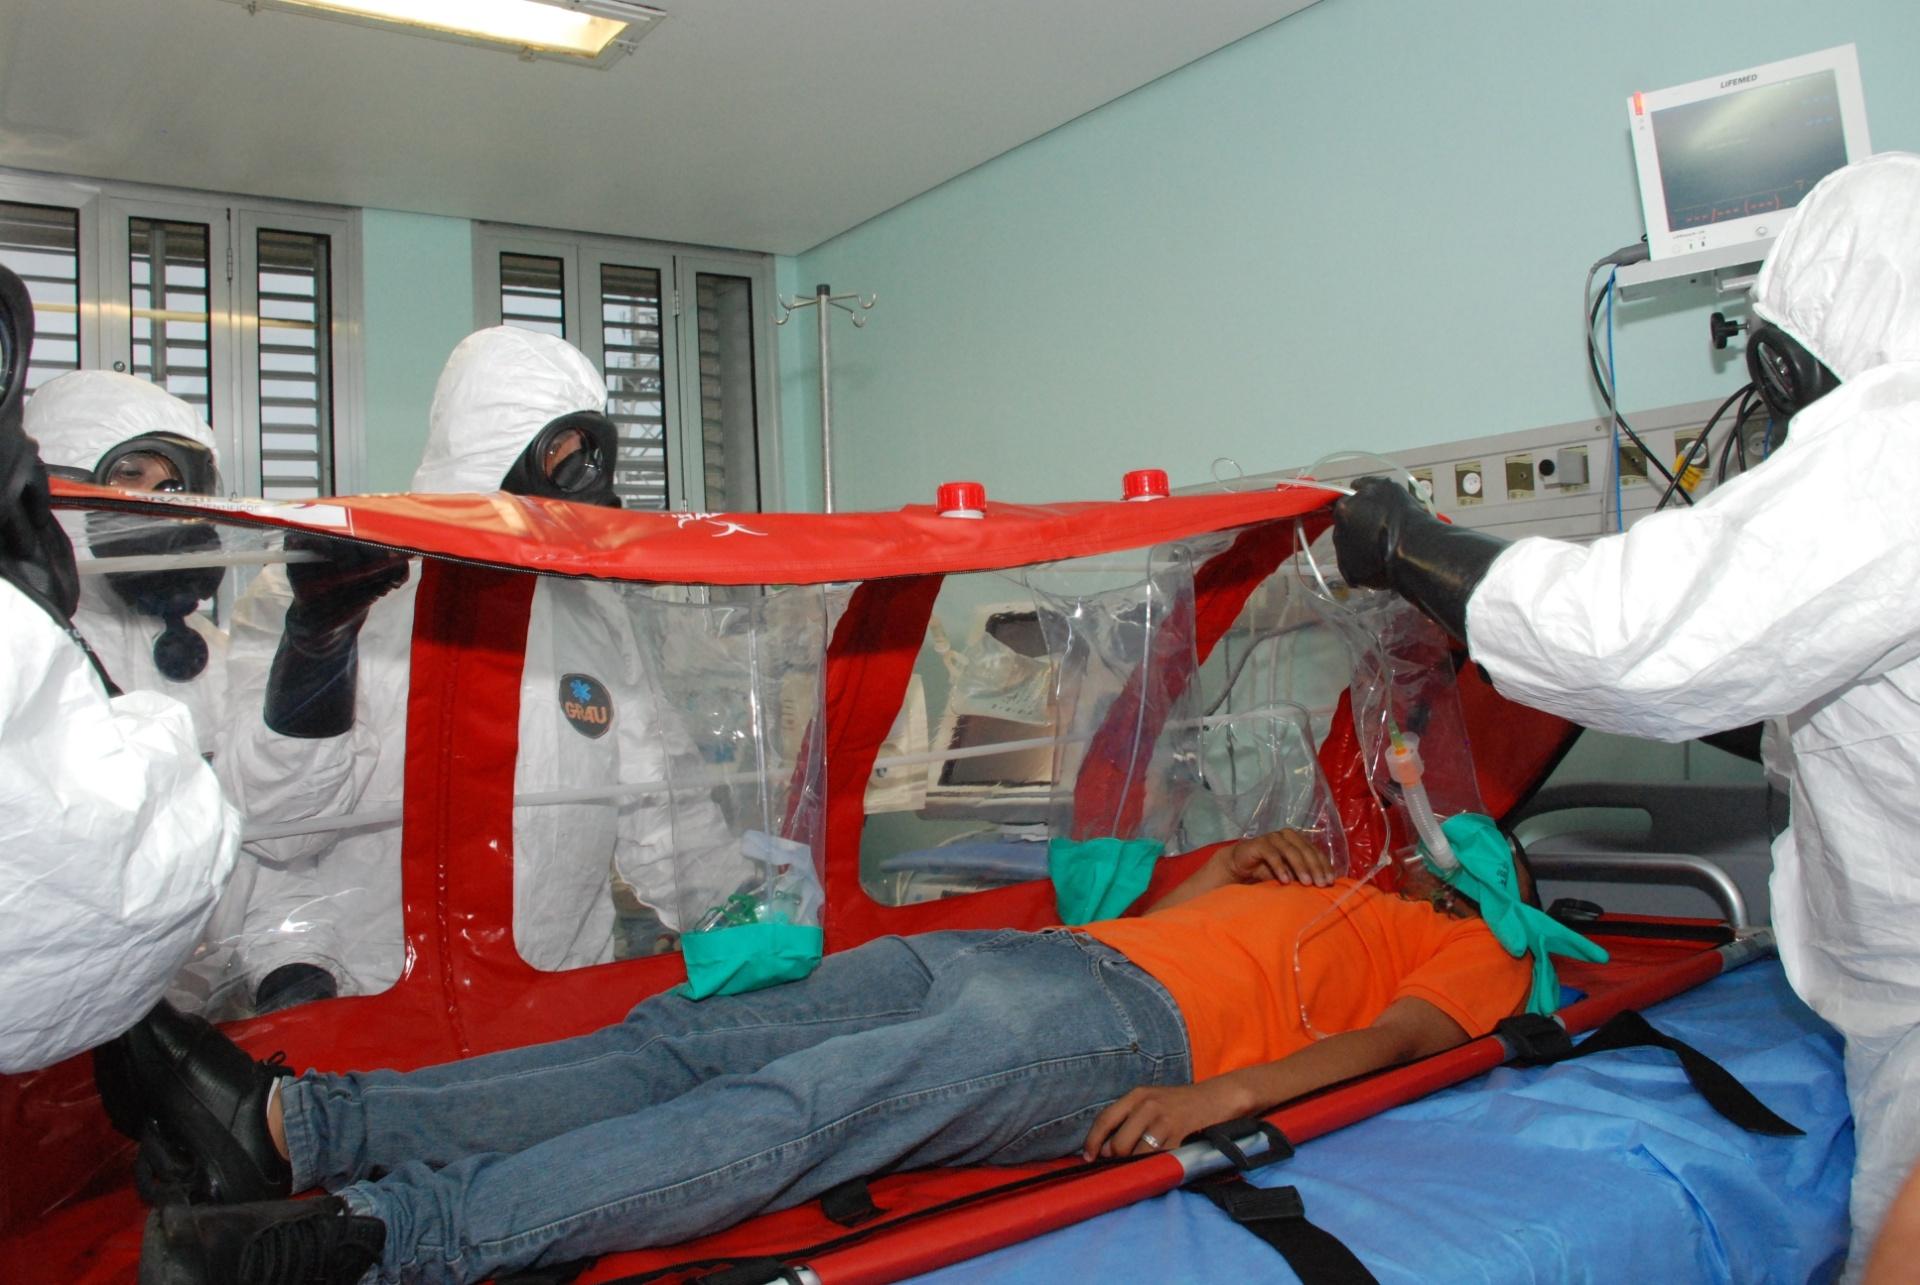 16.set.2014 - O Ministério da Saúde realizou, nesta terça-feira (16), no aeroporto de Guarulhos, em São Paulo, uma simulação de atendimento para casos de passageiros com suspeita de ebola em voos internacionais. O objetivo é testar o planejado pelos técnicos caso algum paciente com o vírus ebola precise de atendimento